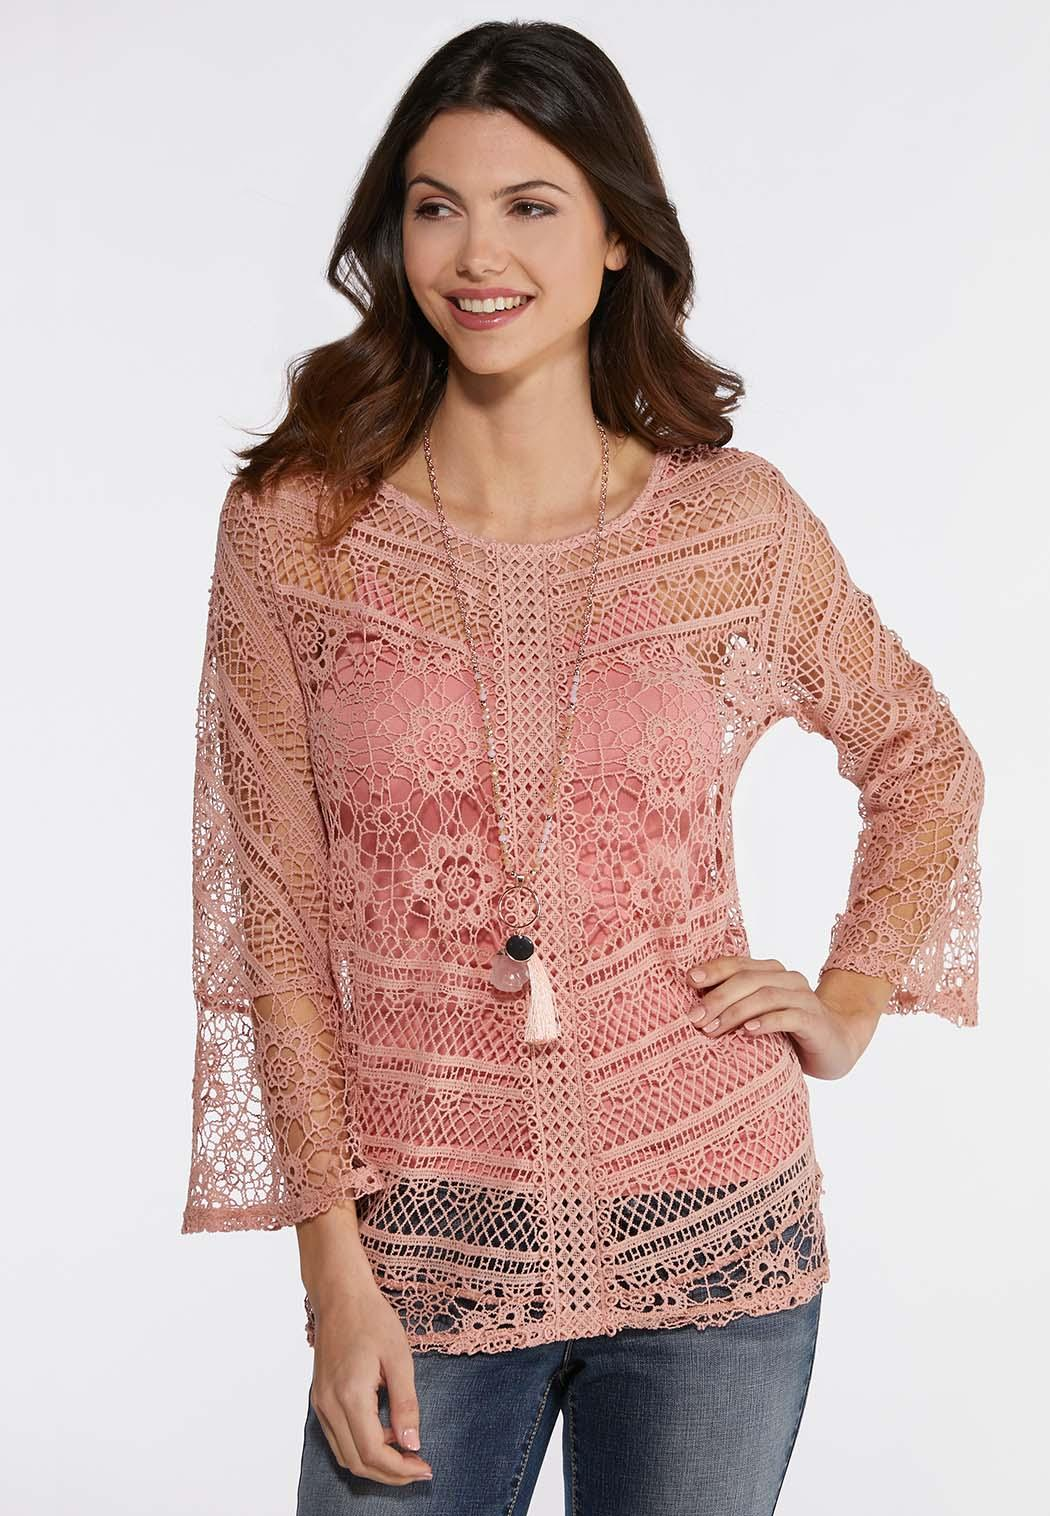 57c87b061aa5d Allover Crochet Top alternate view Allover Crochet Top